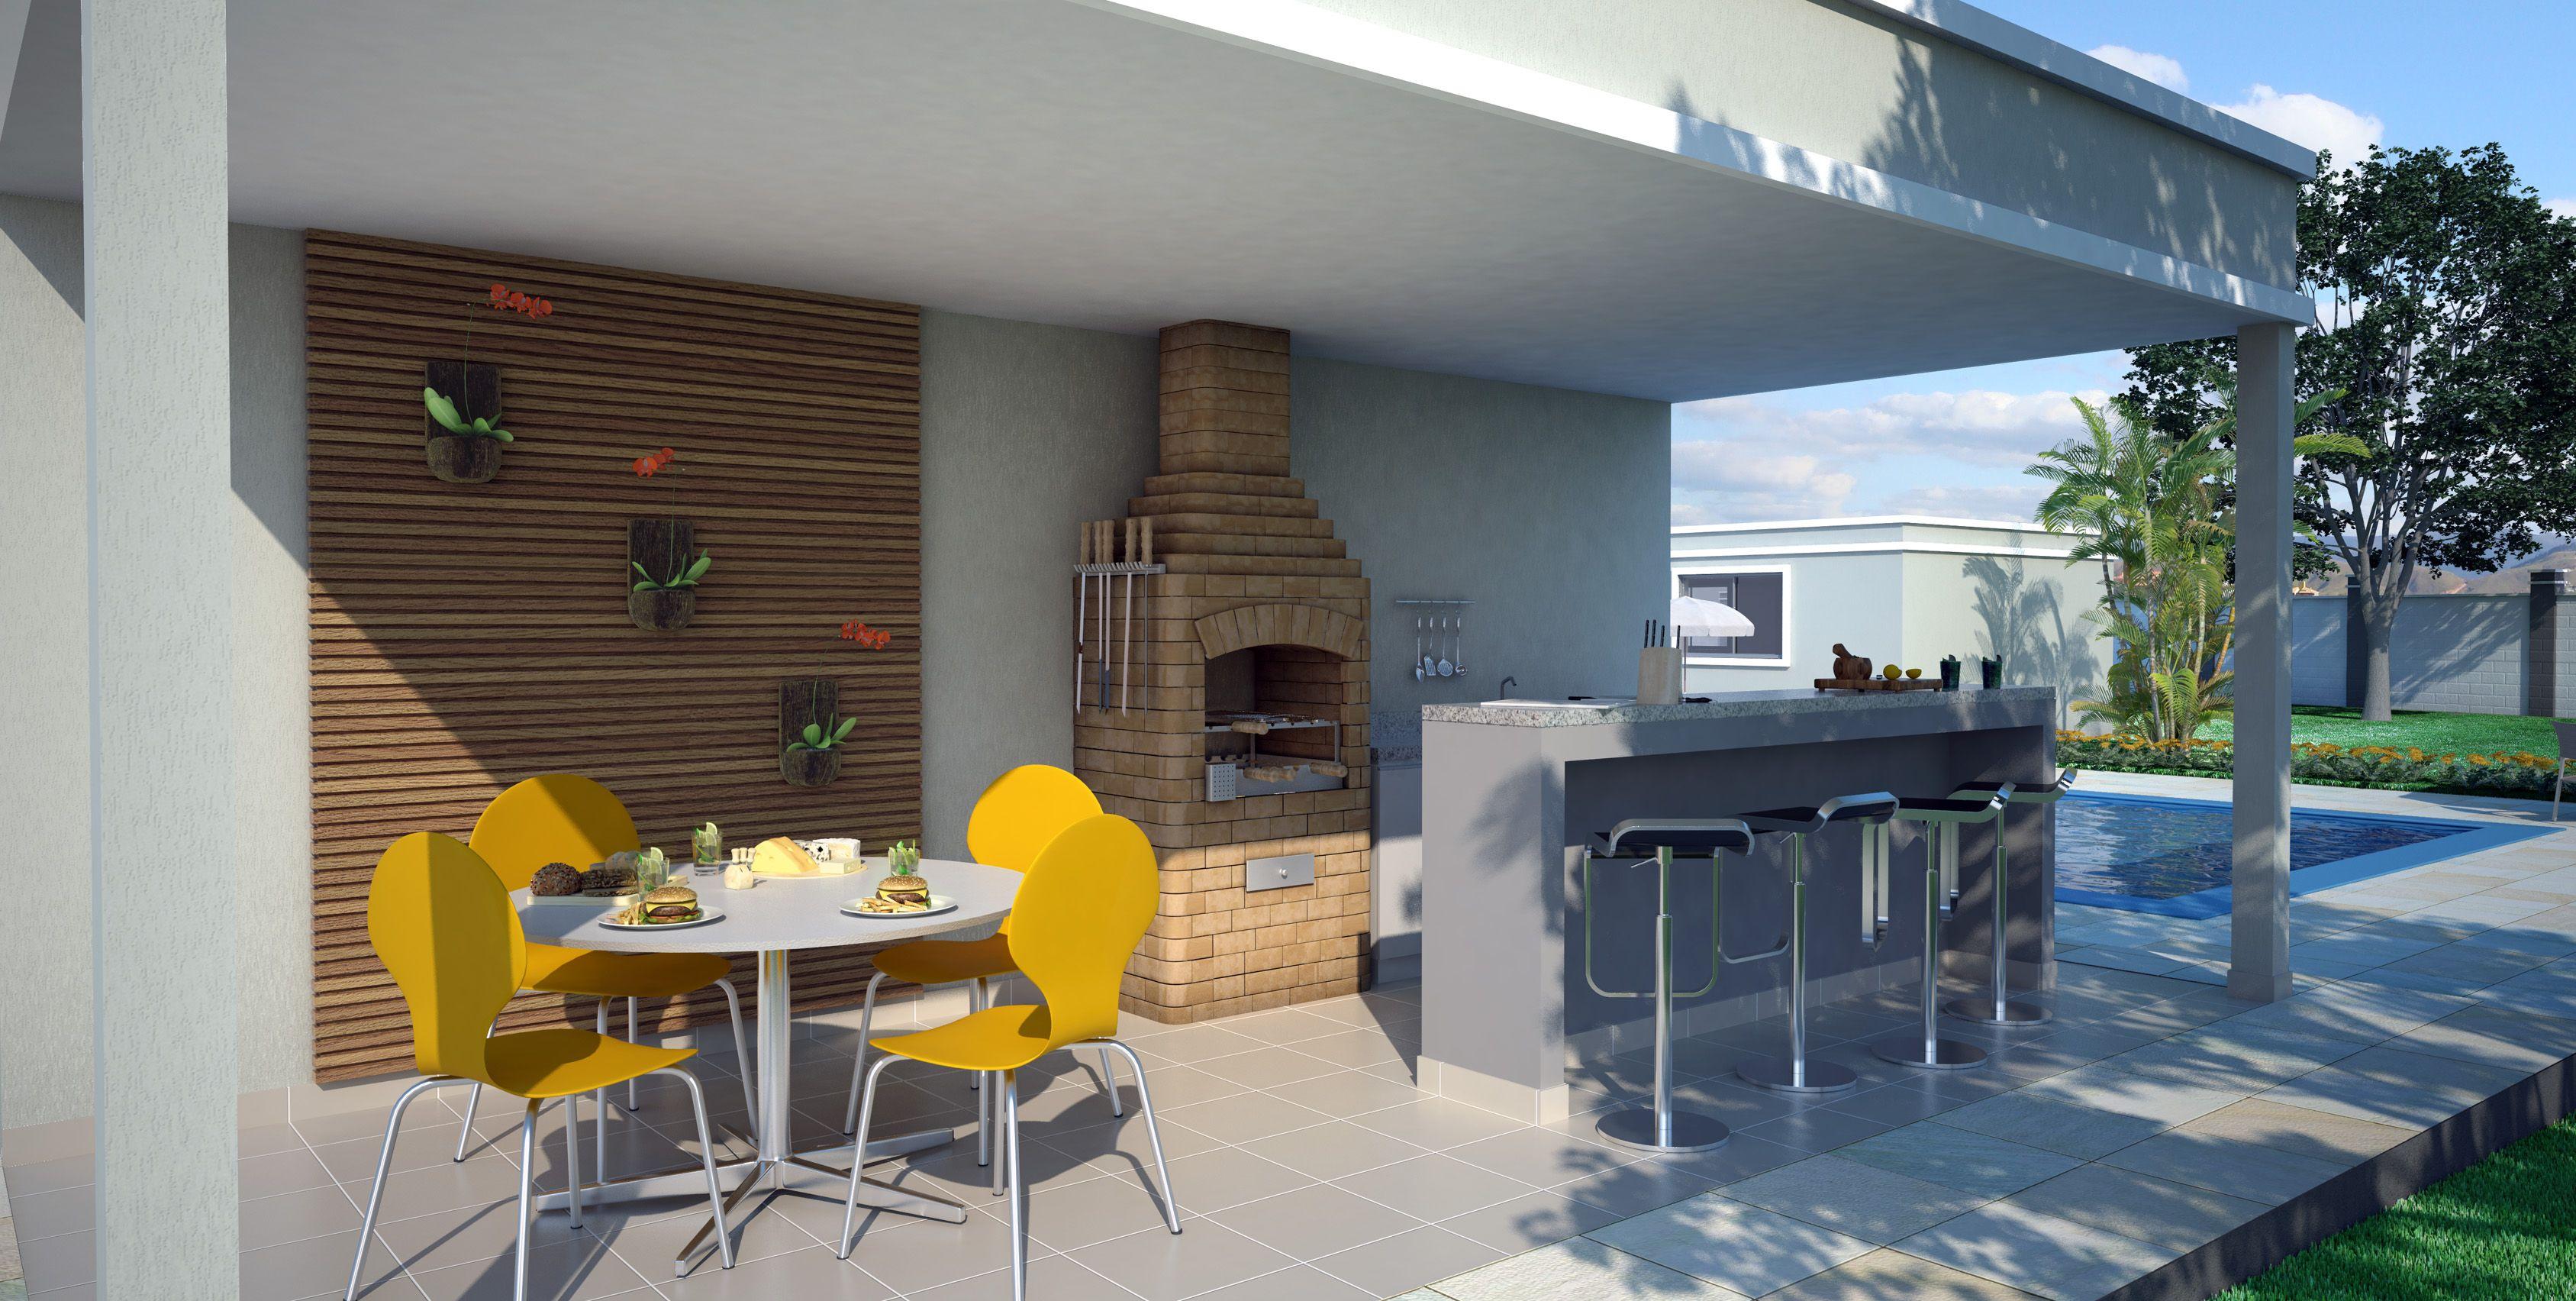 Aparador Area De Lazer ~ Projetos deárea de lazer com churrasqueira e piscinaÁreas de lazer, Churrasqueira e Lazer